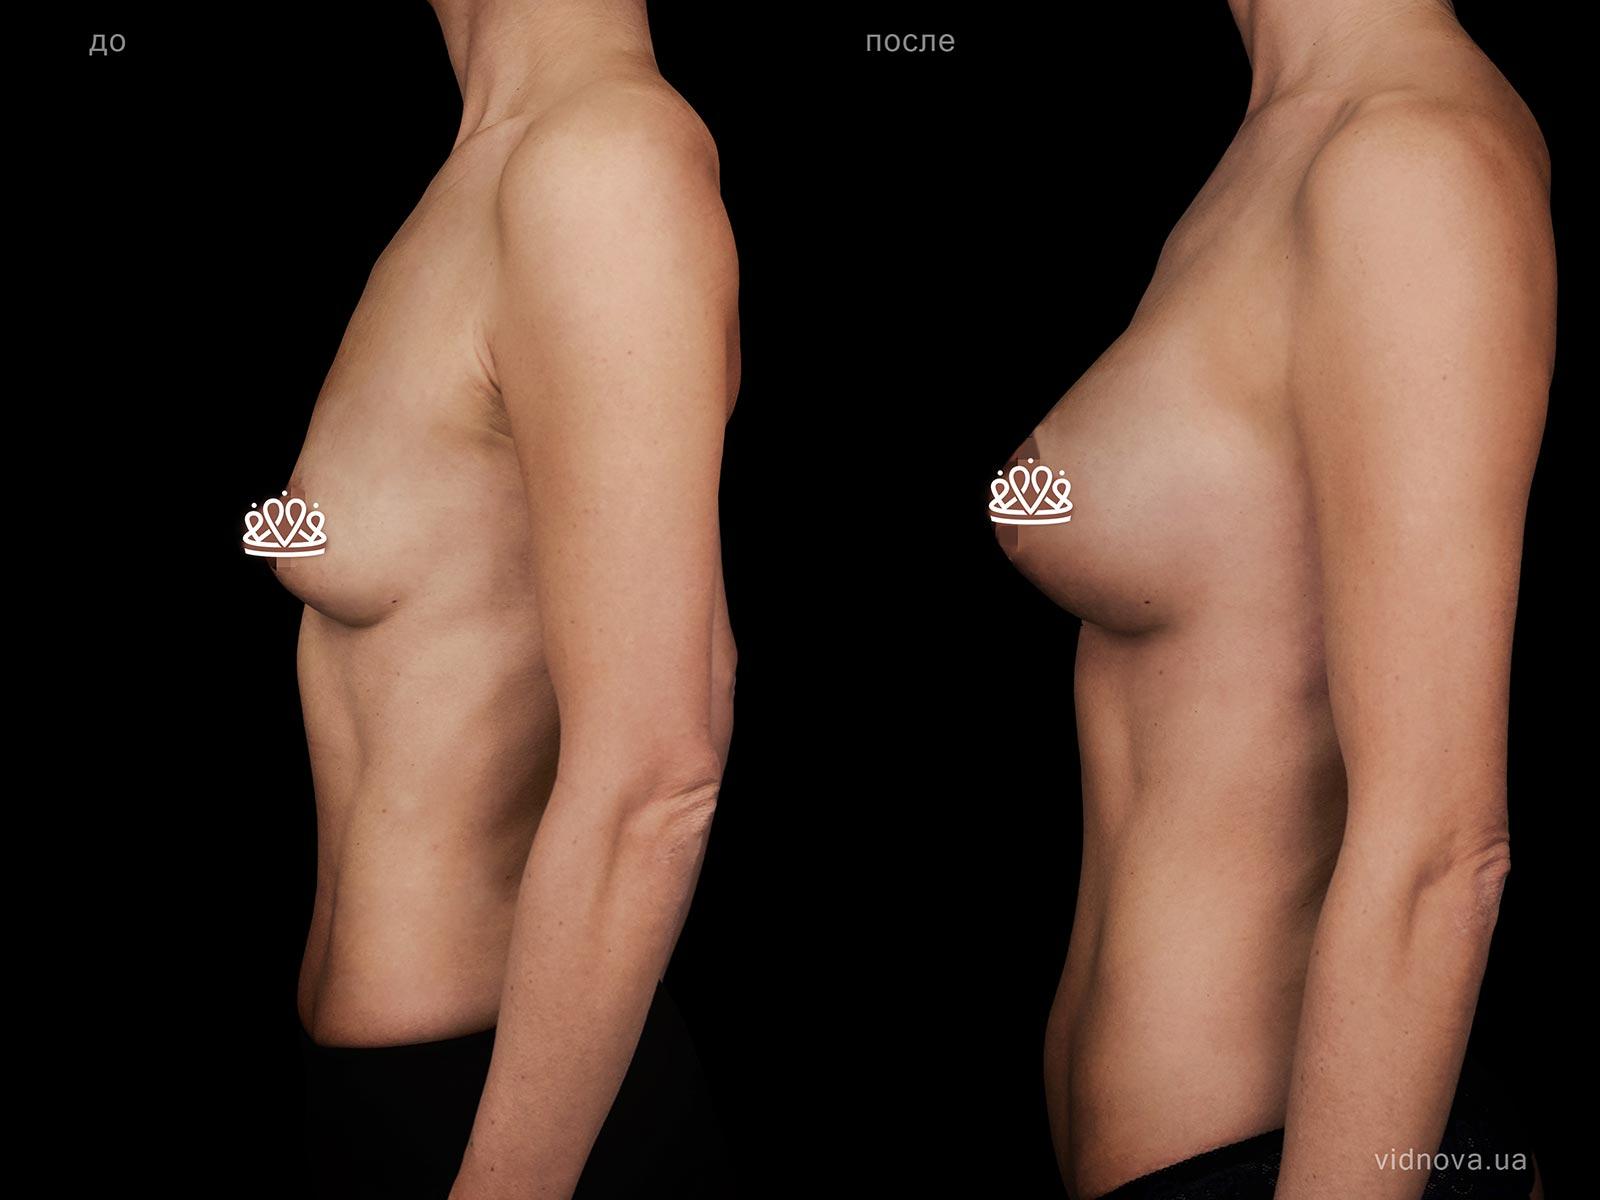 Пластика груди: результаты до и после - Пример №122-2 - Светлана Работенко